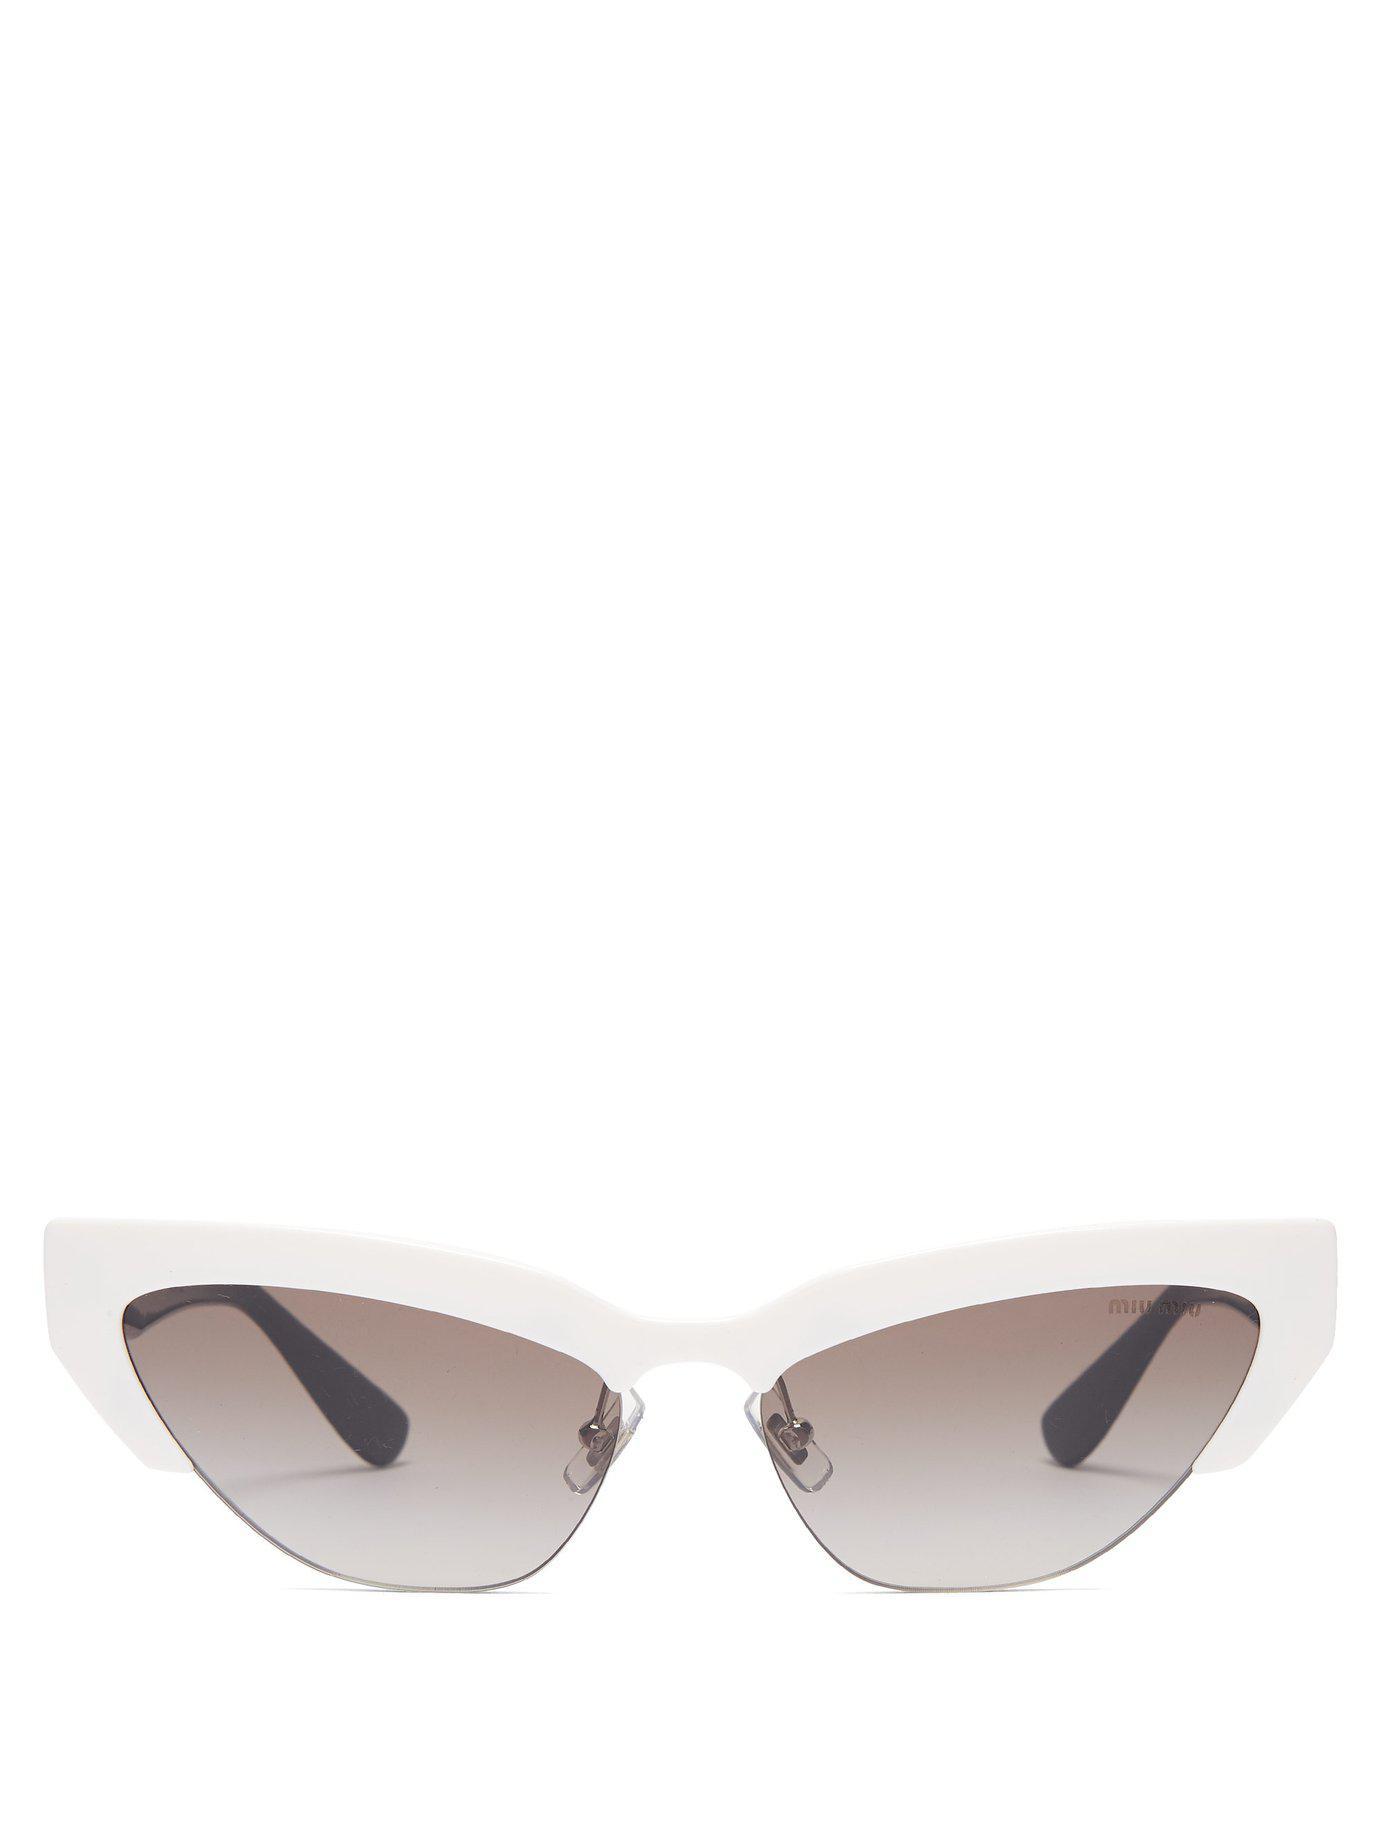 e811bcf2af7d Lyst - Miu Miu Cat Eye Acetate Sunglasses in White